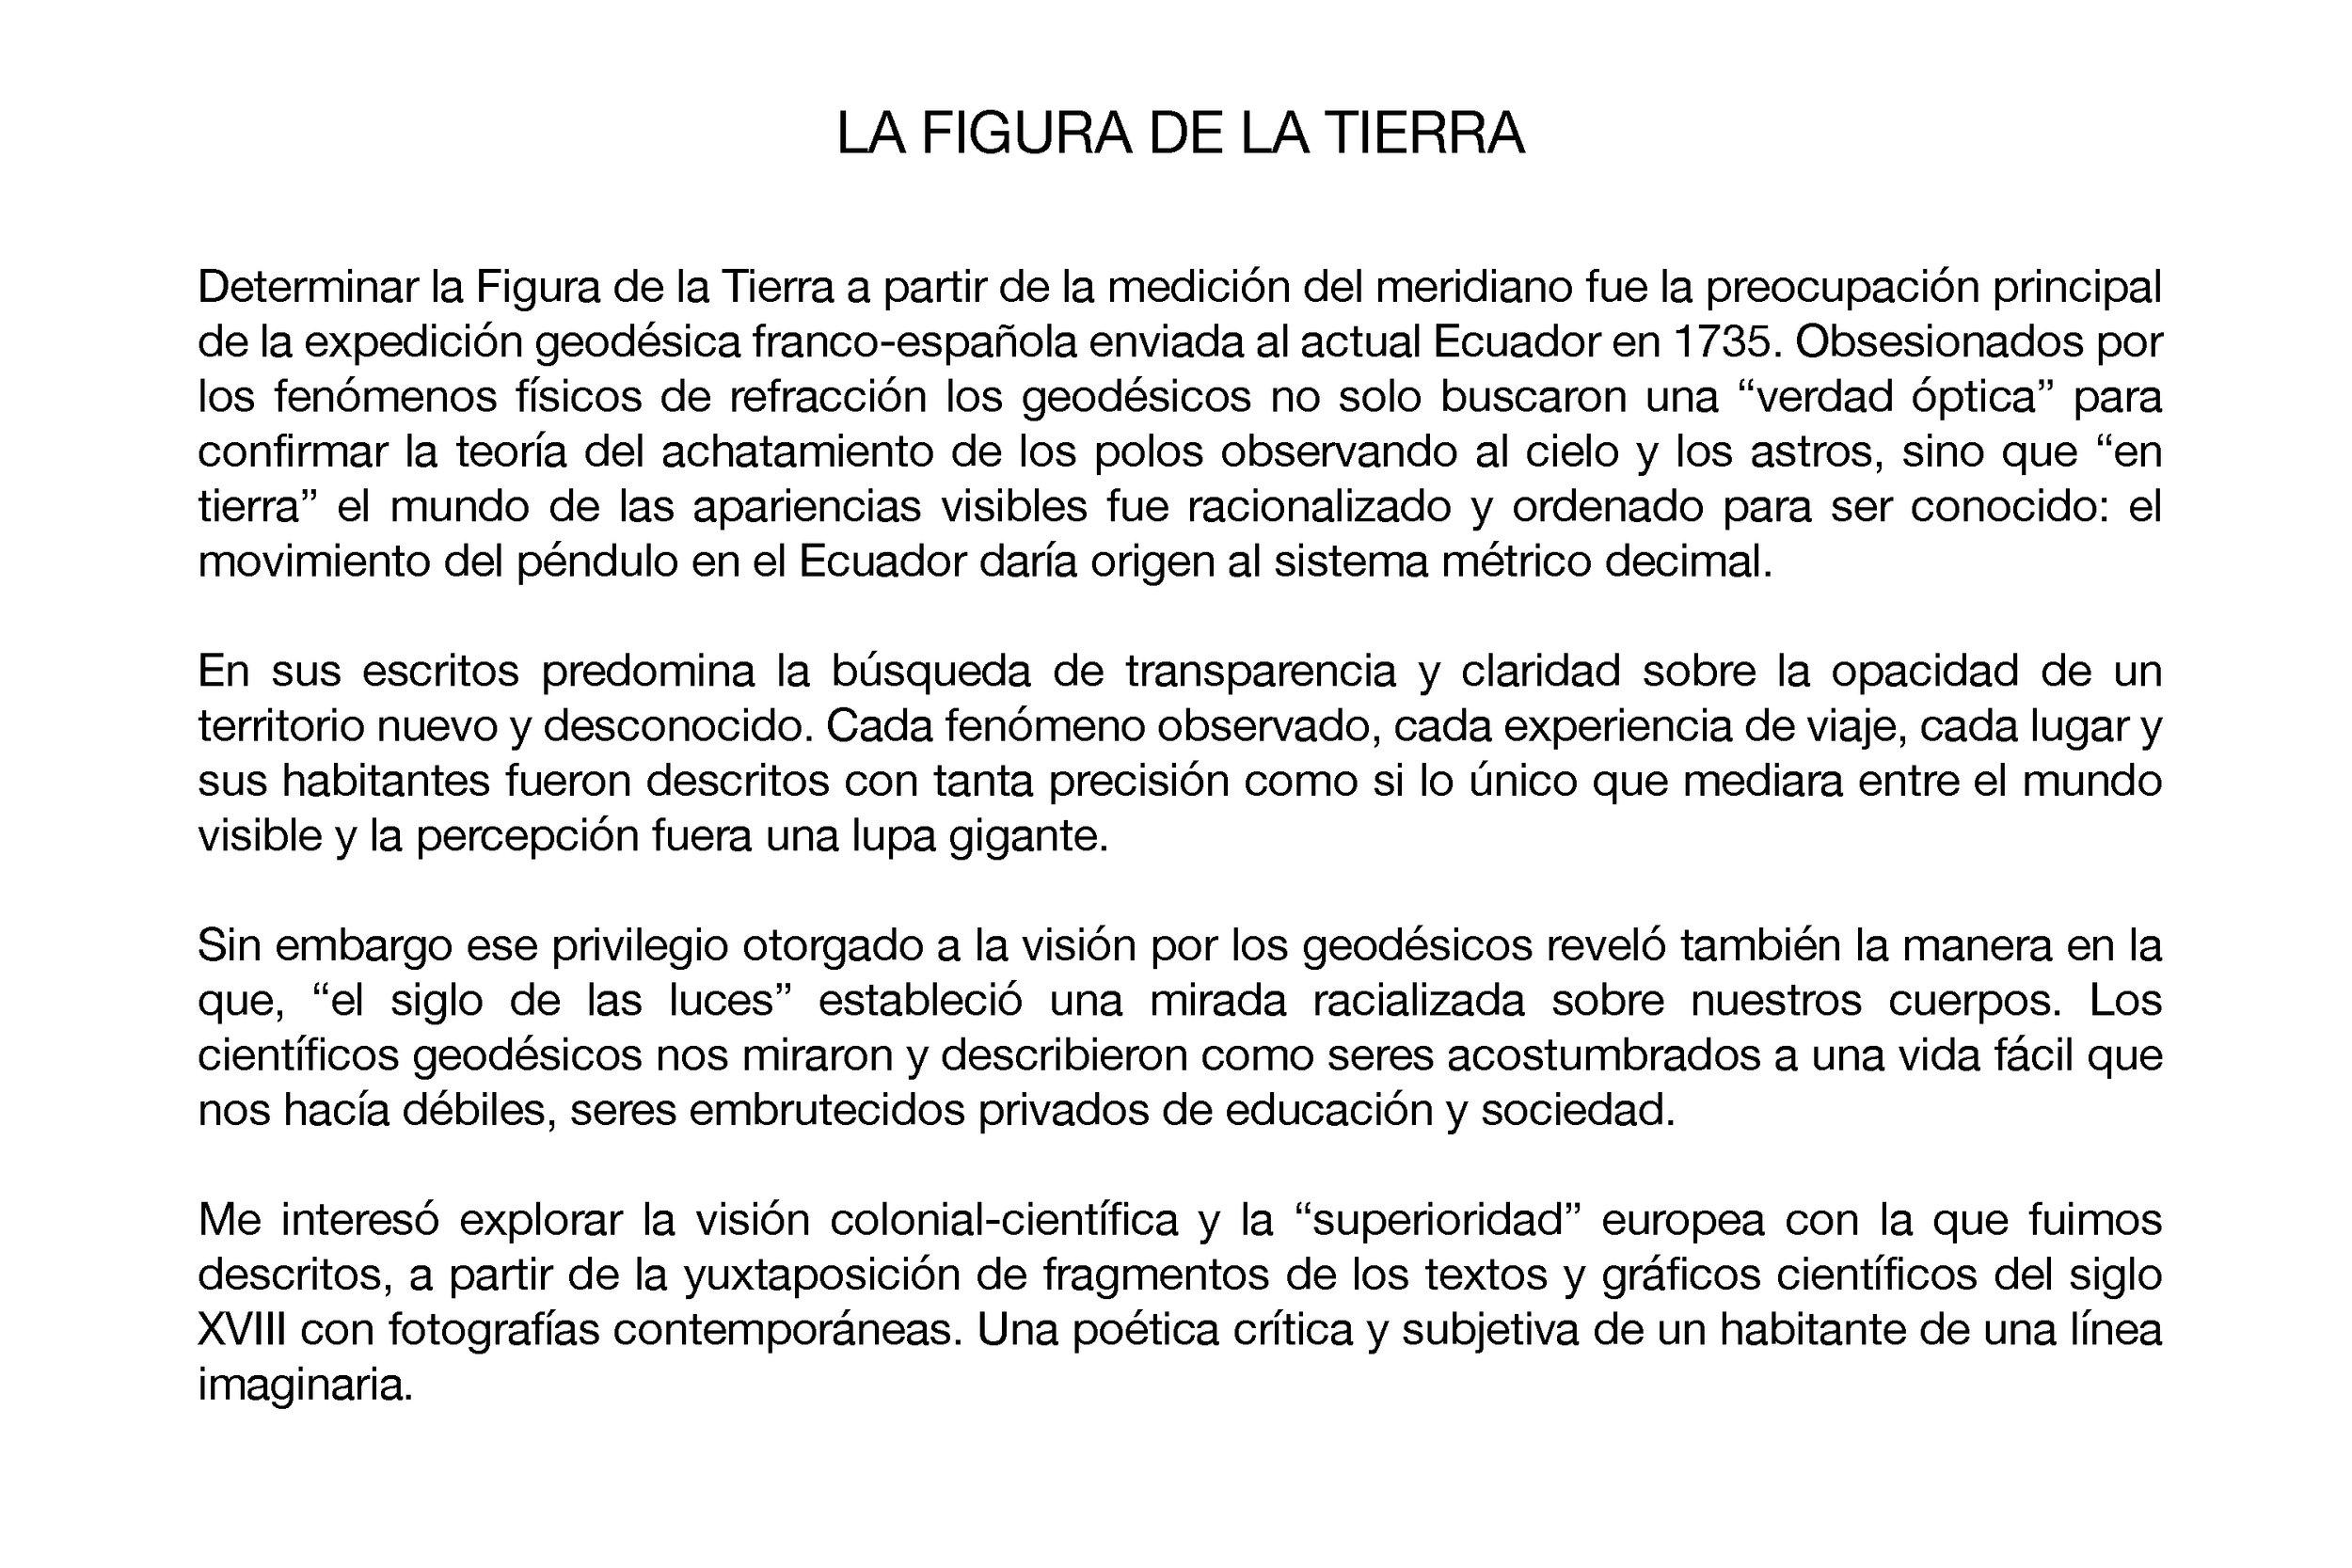 LA FIGURA DE LA TIERRA  001.jpg